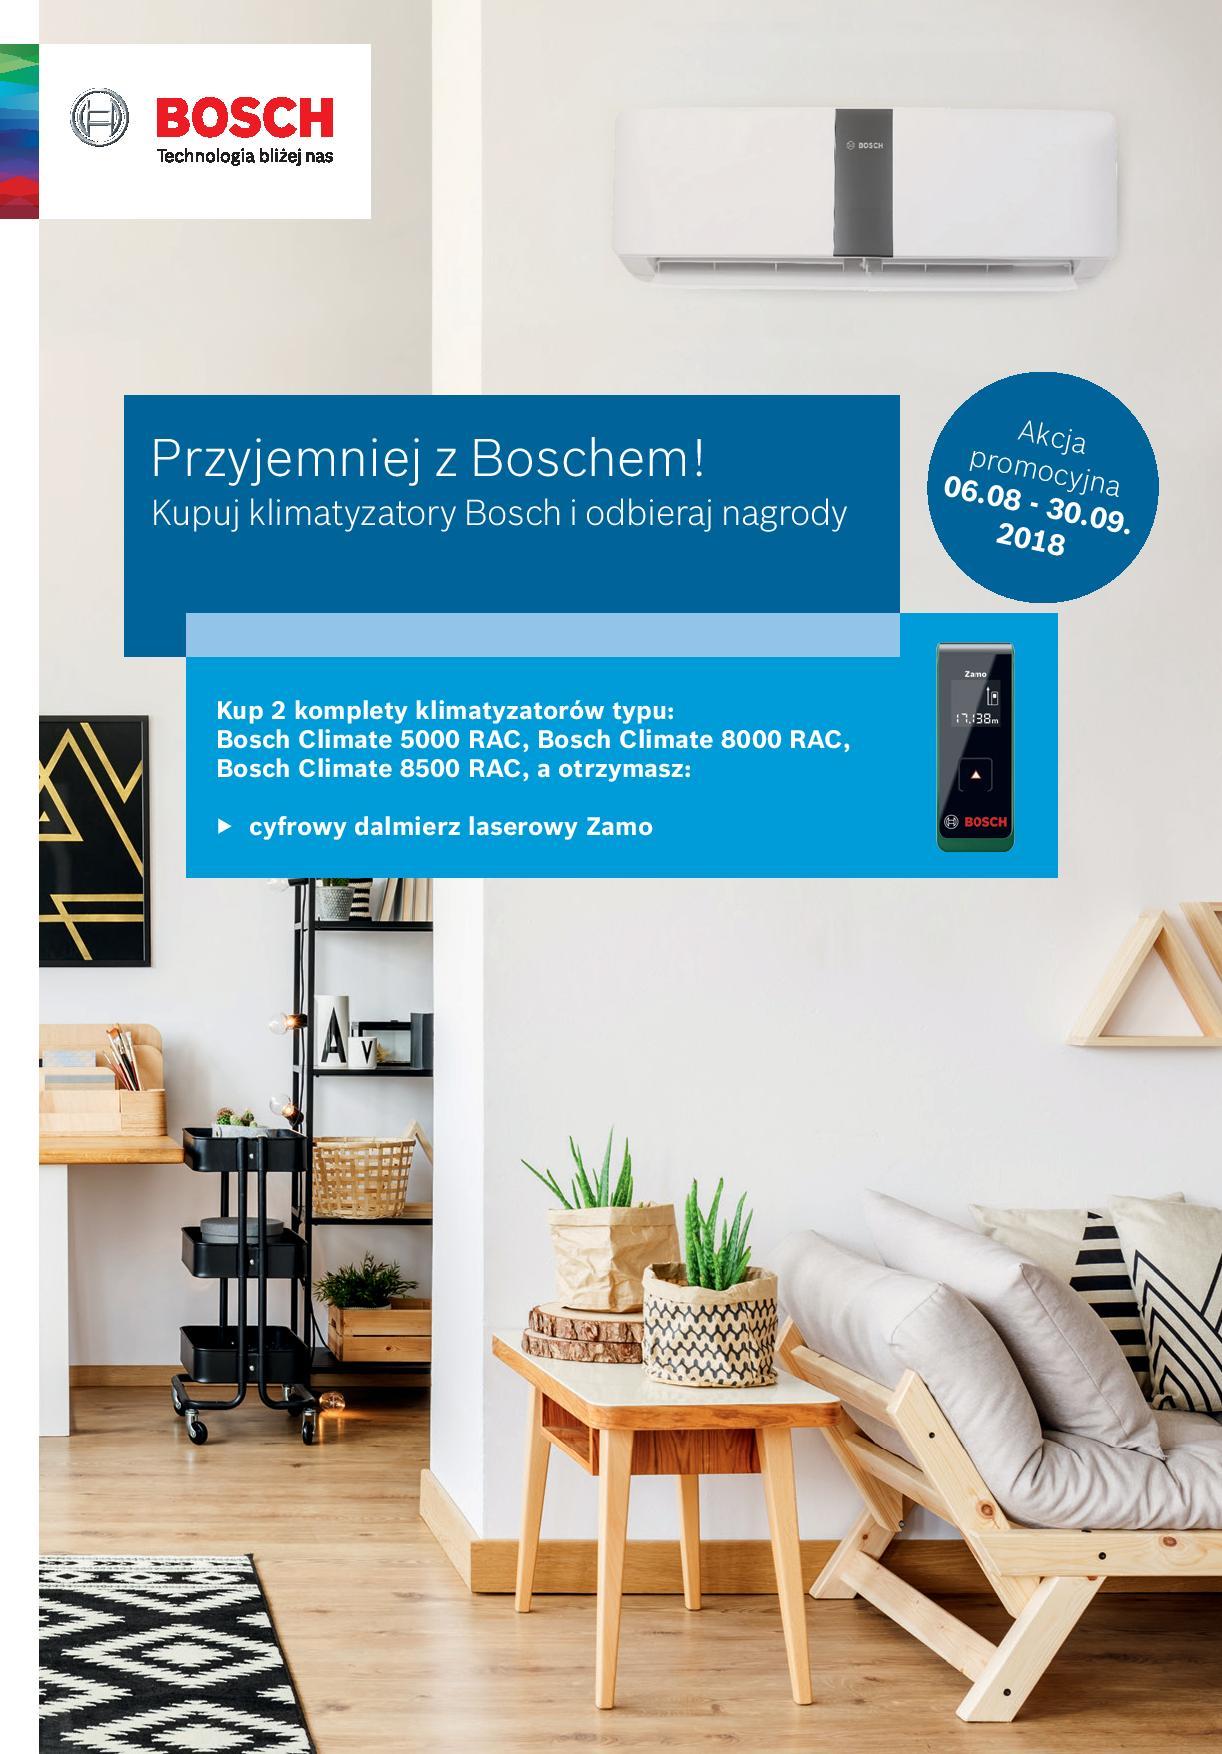 Nowa promocja na klimatyzatory RAC Bosch - Zamo